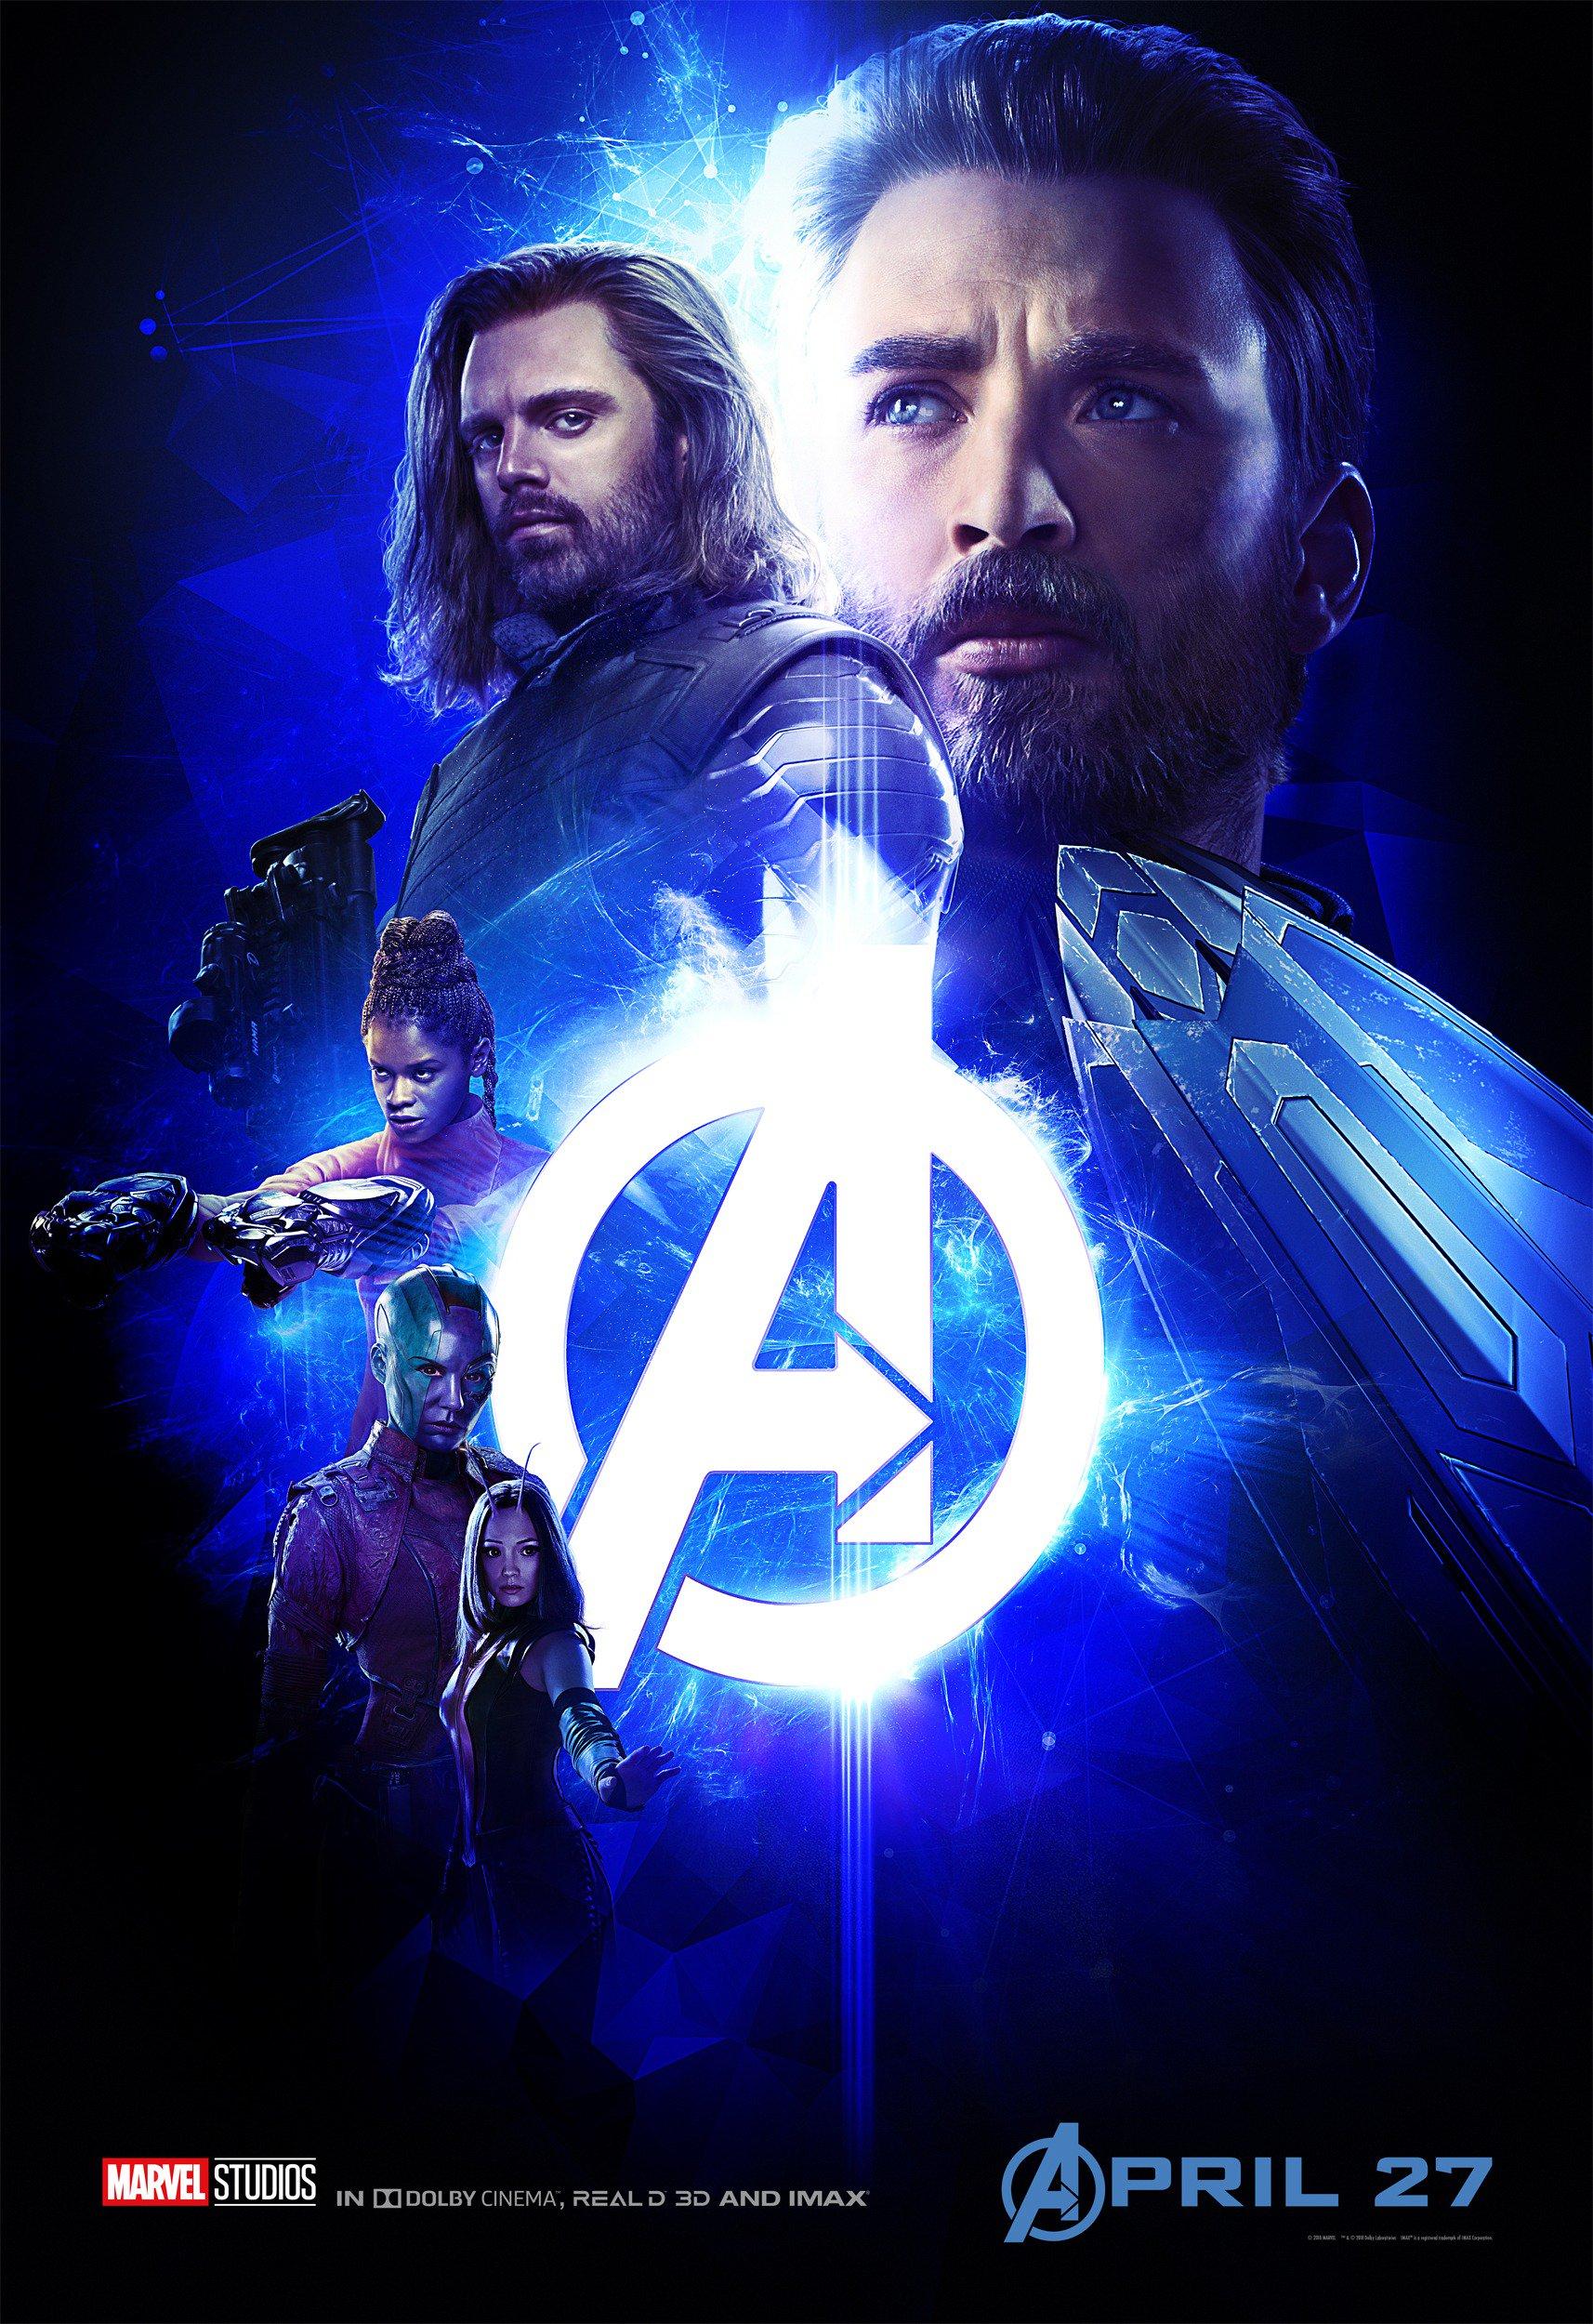 Avengers : Infinity War - Page 9 DZPHxN1UQAA8mQR